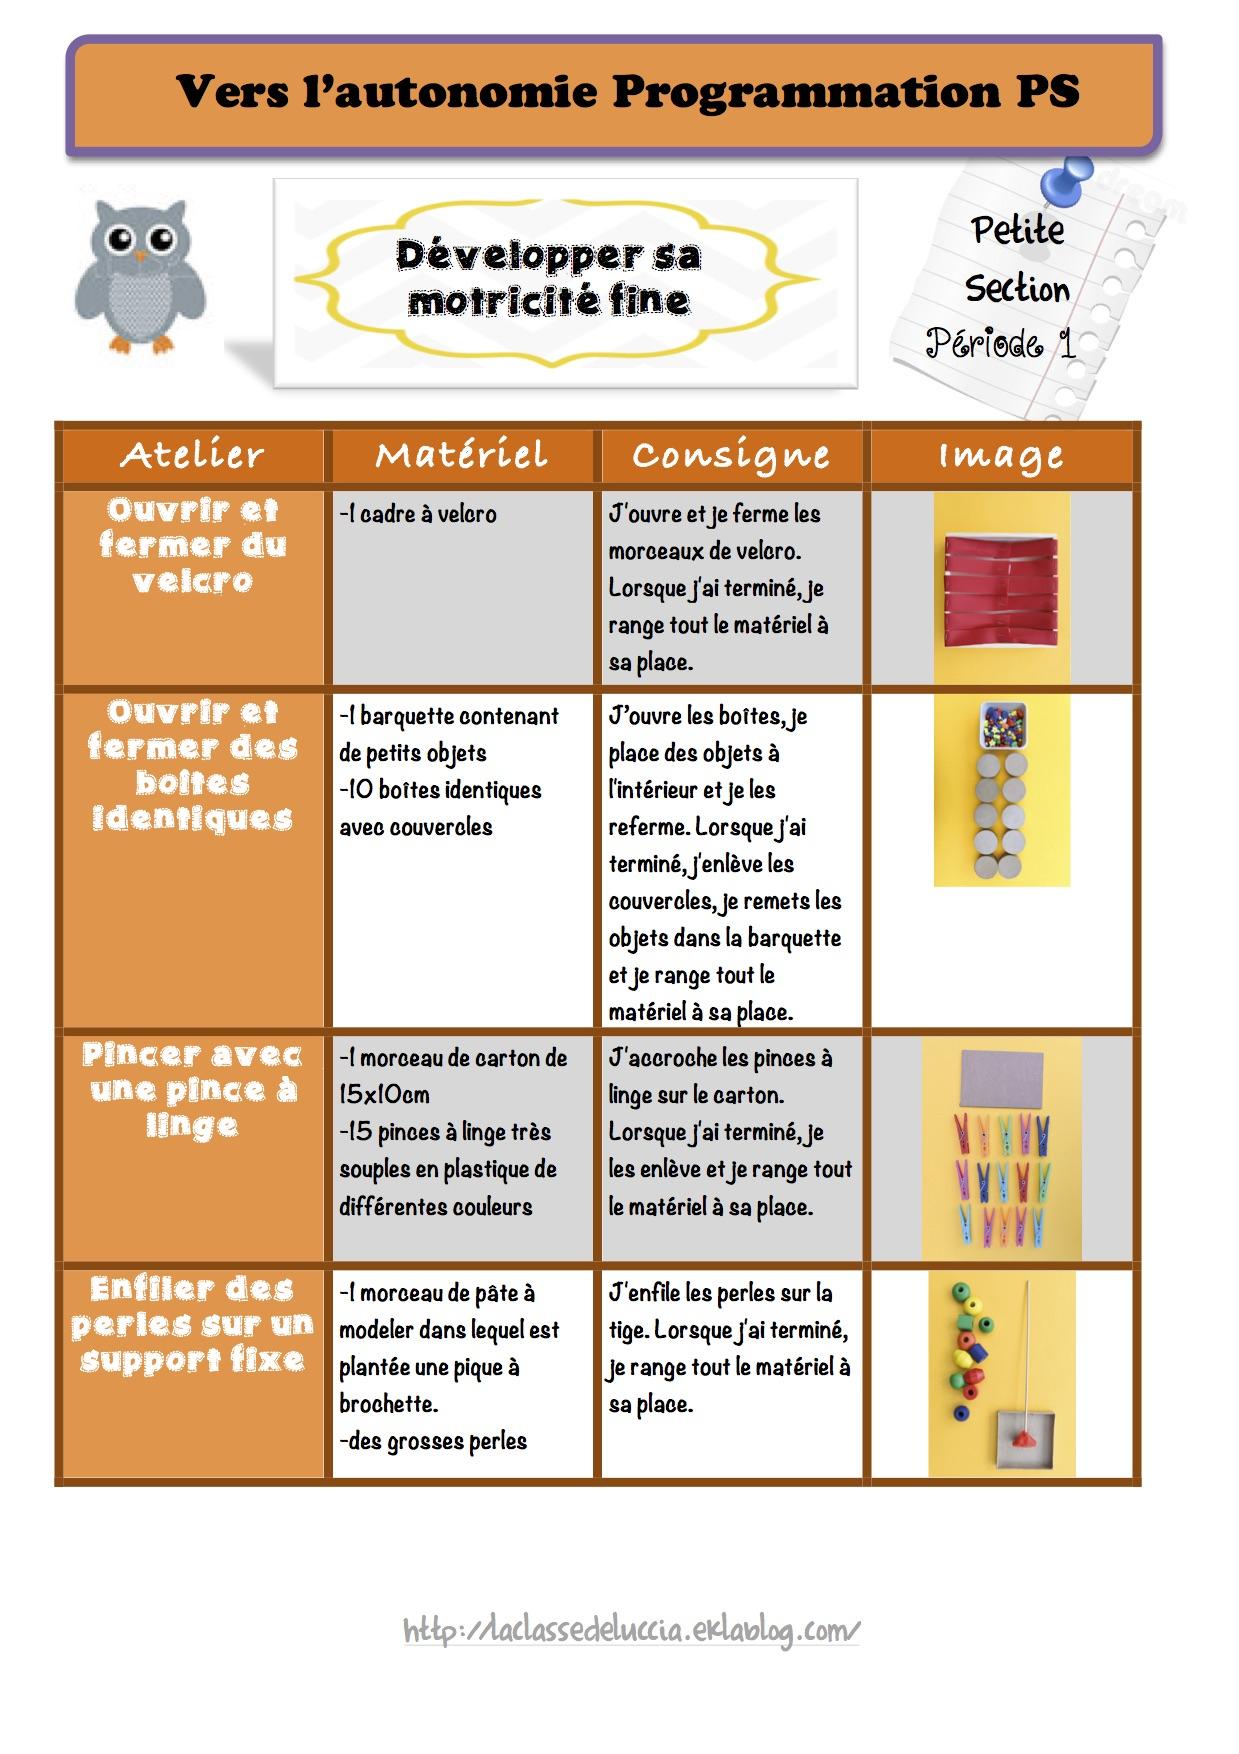 Progressions Vers L'autonomie Petite Section P1 - La Classe pour Exercice Maternelle Petite Section